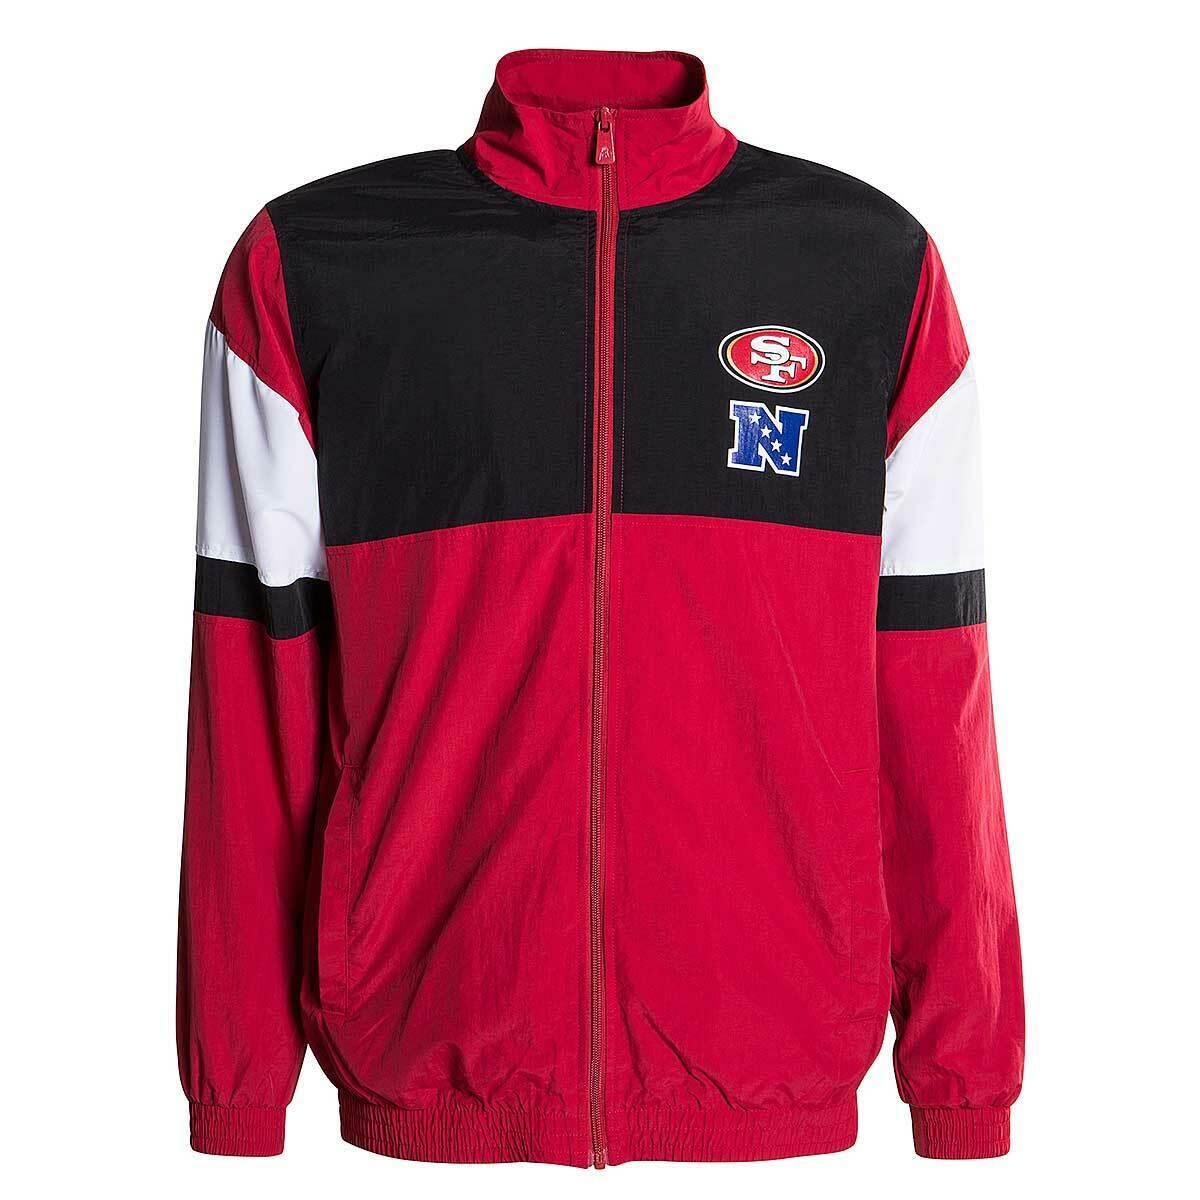 GIUBBINO NEW ERA JACKET NFL FOR SAN FRANCISCO 49ERS SAF49E ROSSO NERO GIACCA